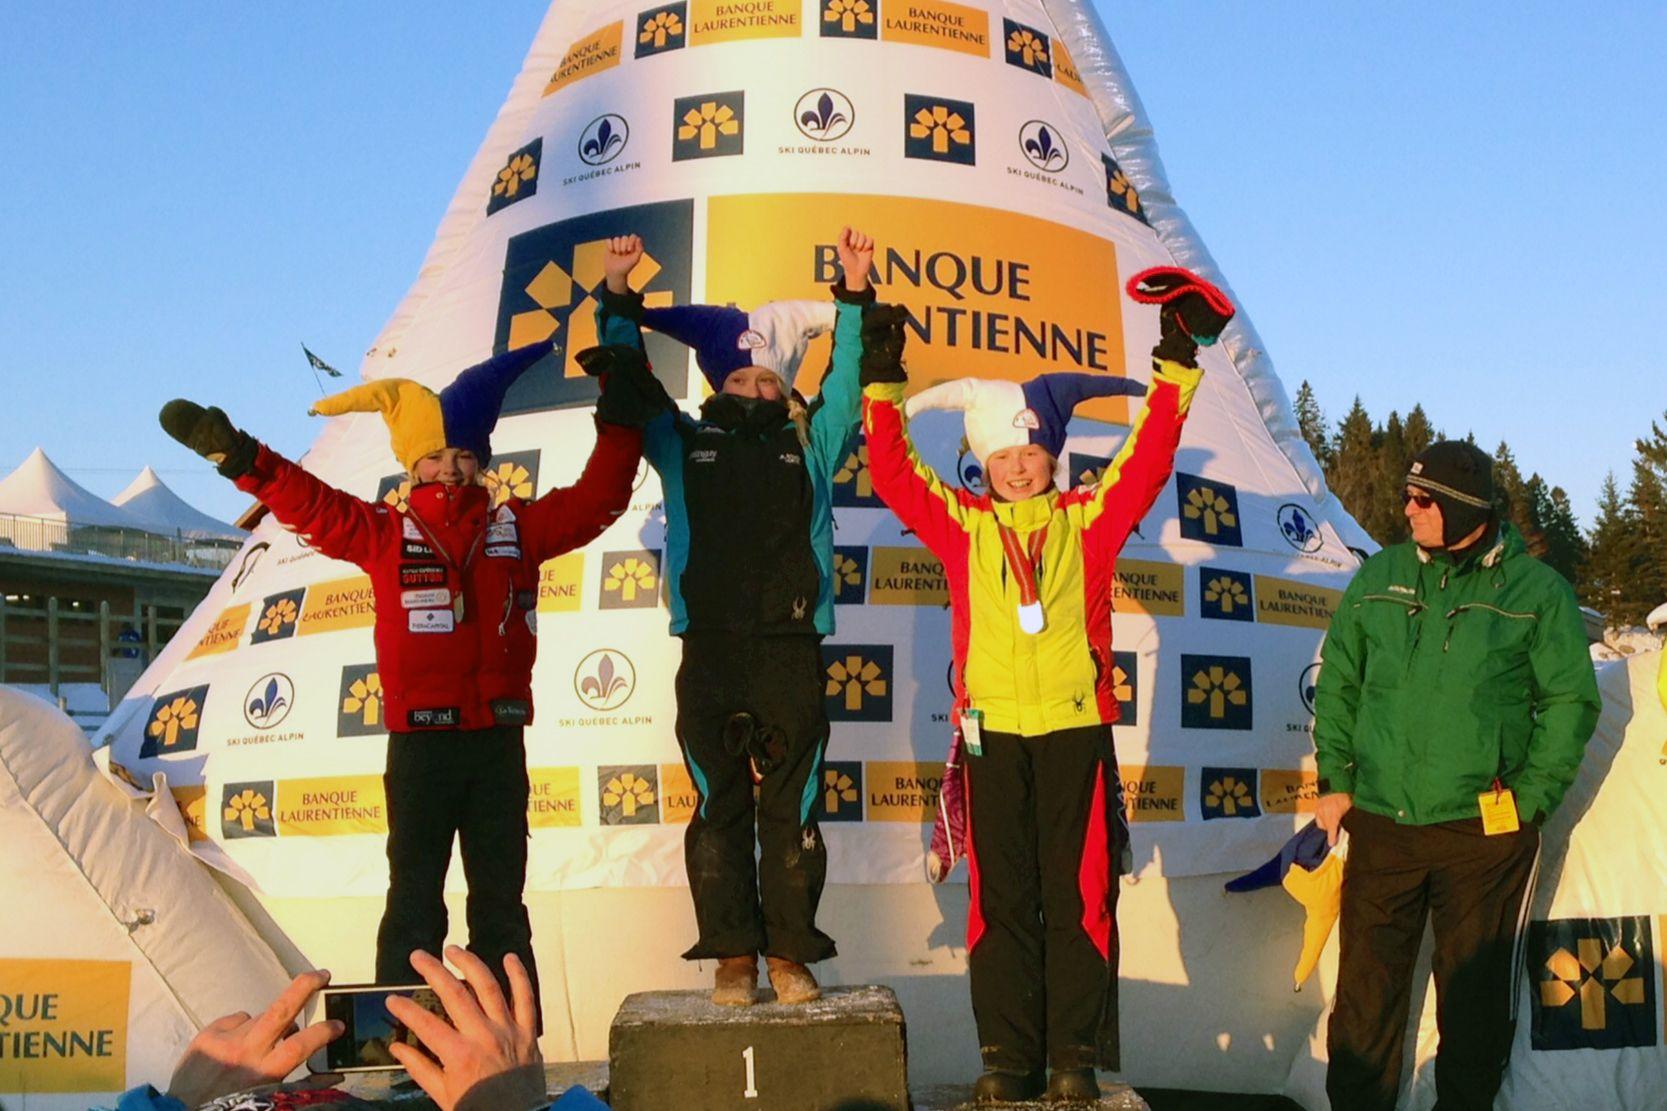 Défi Alpin du Carnaval - Podium U12 Filles cumulatif des 4 courses. La seule compétition provinciale annuelle regroupant les catégories U6 à U12.